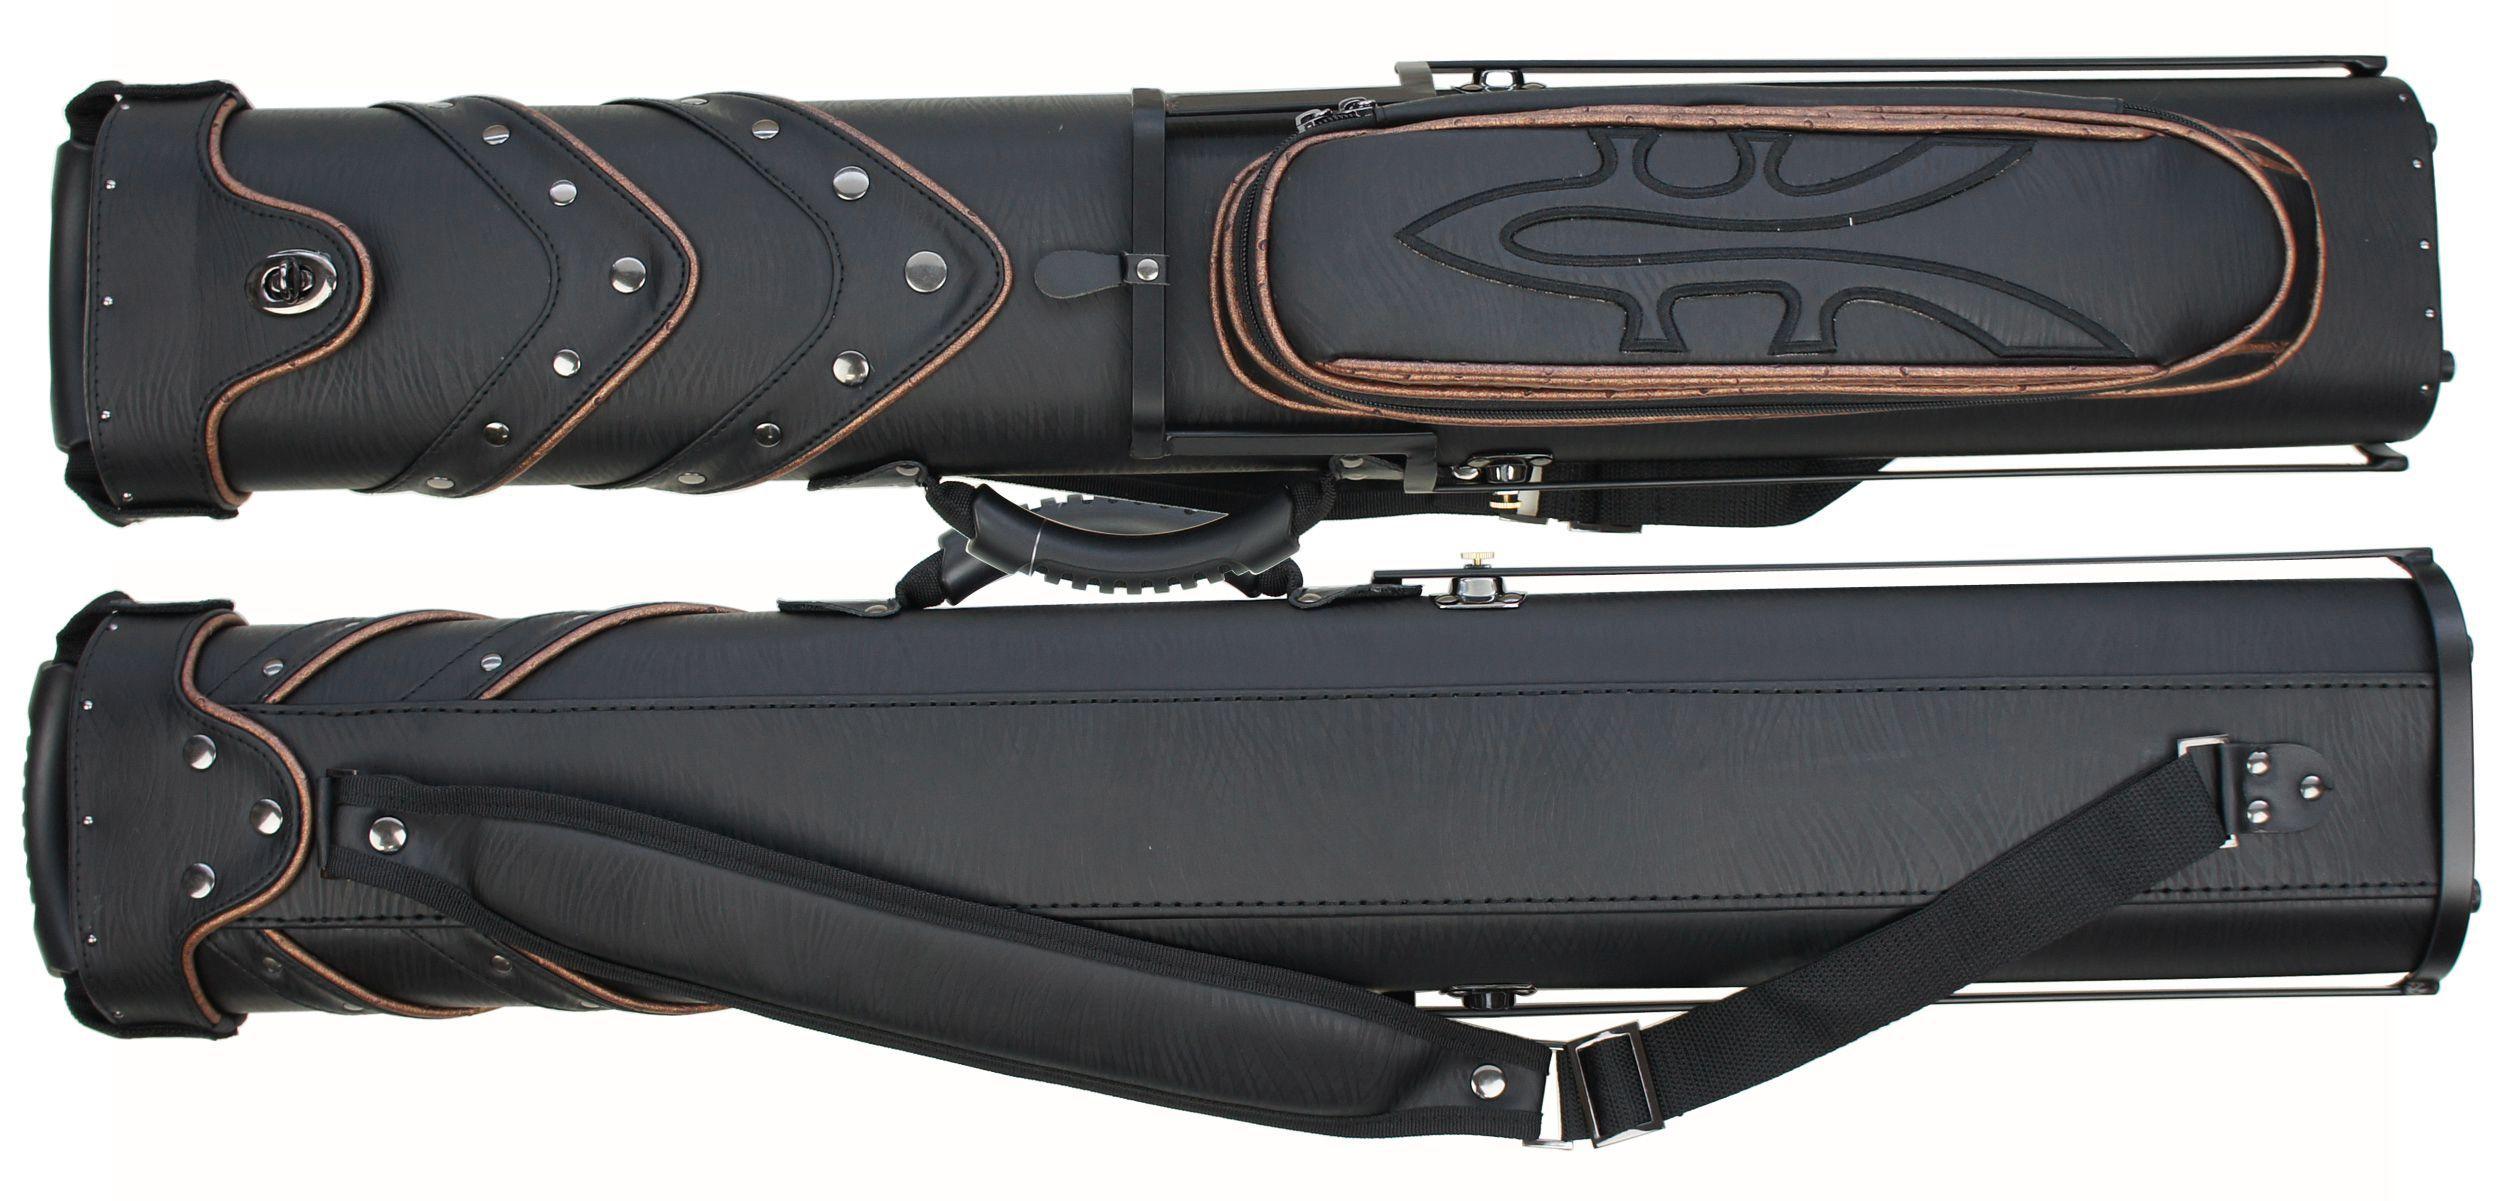 ケース ブラック 自立スタンド付 62256a (バット2本シャフト4本収納) 商品画像